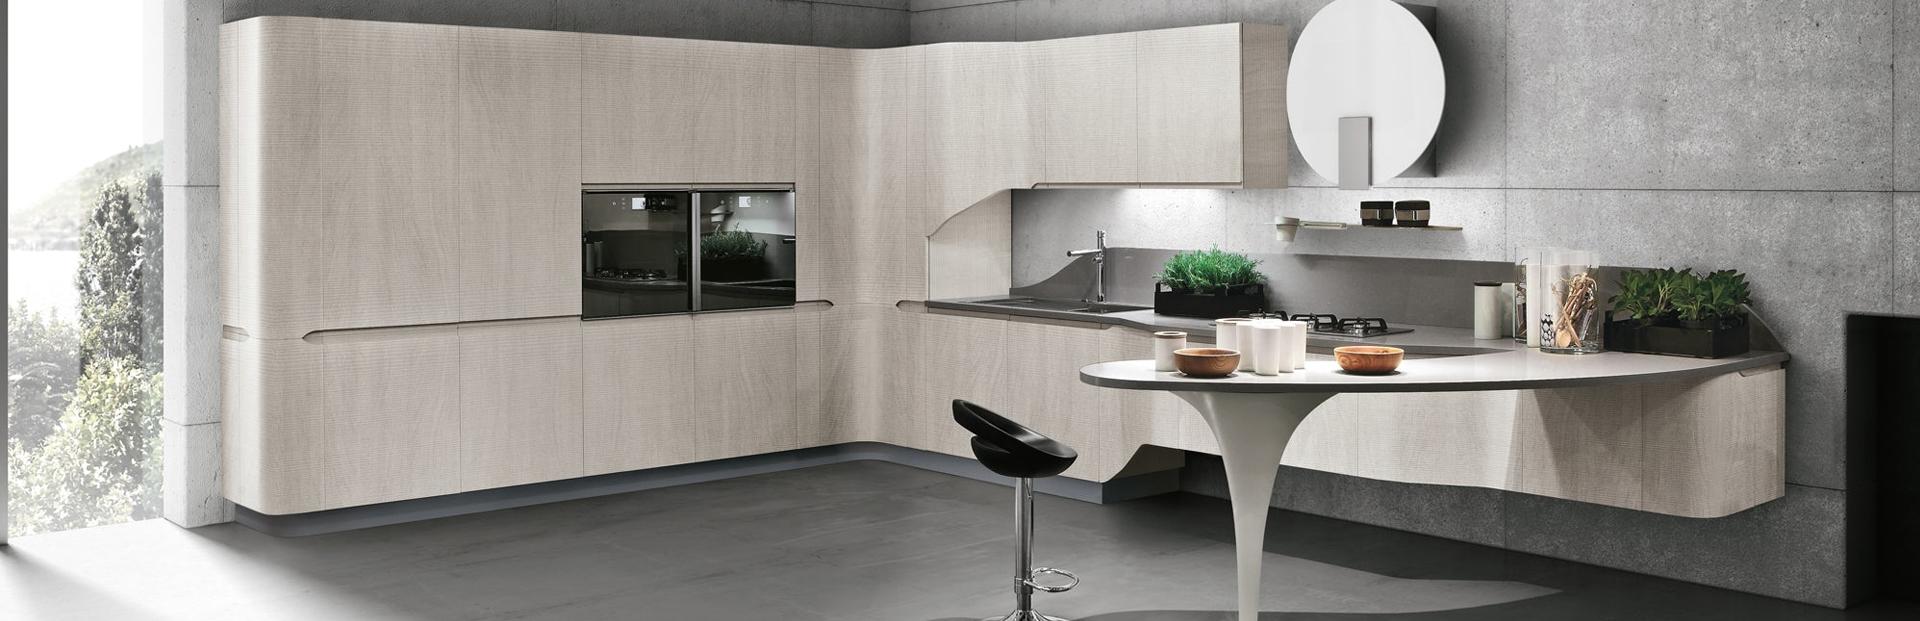 Cucine Componibili Stosa   Cucine Componibili Stosa Cucine Moderne ...